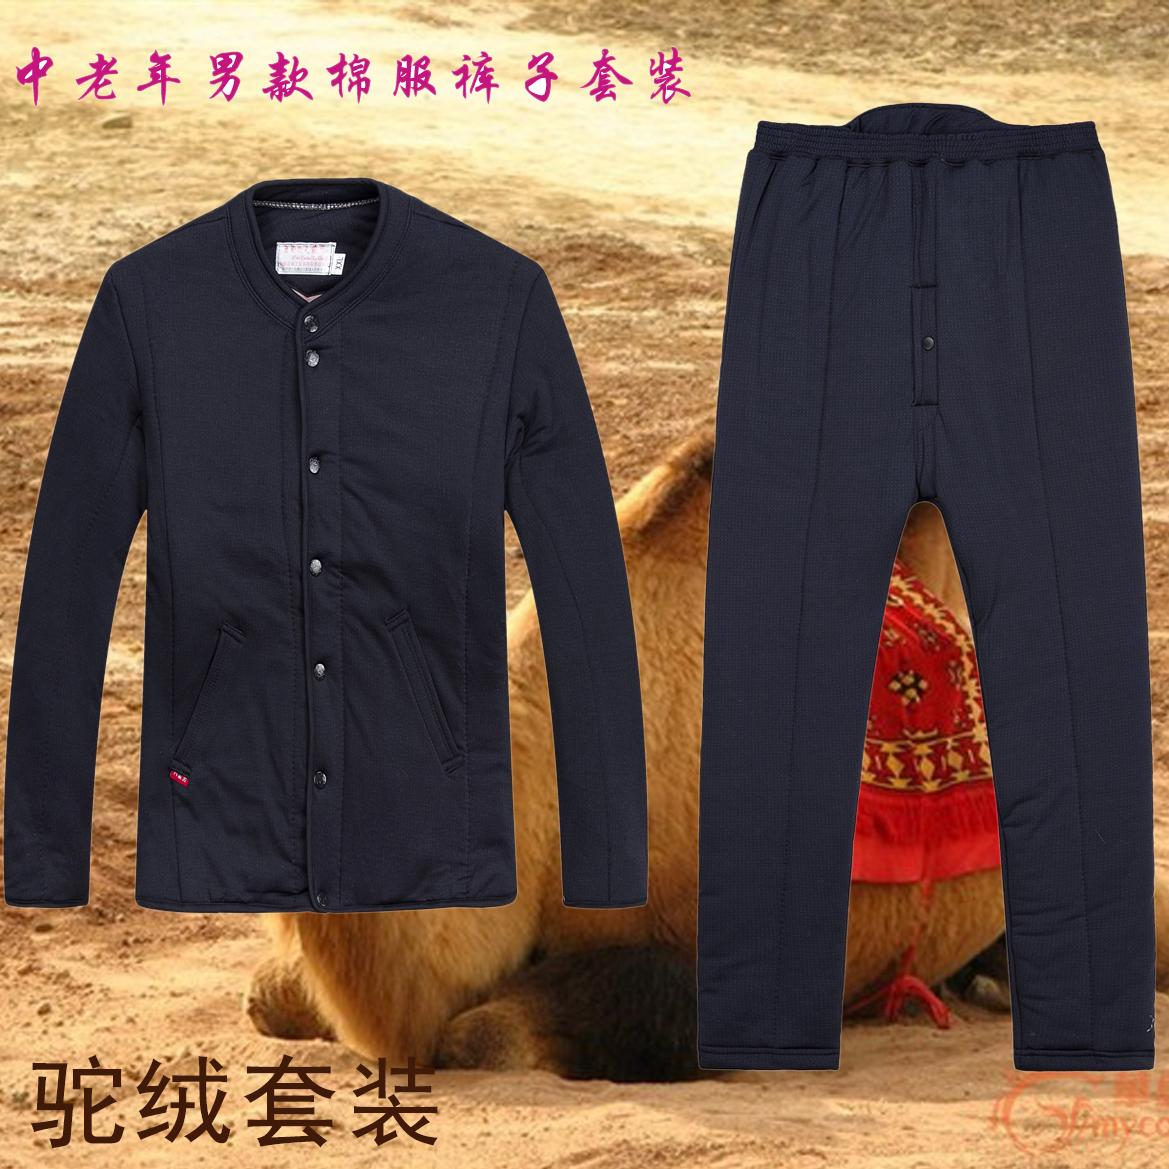 男款老年人棉衣棉裤驼绒套装加大码爸爸冬季保暖内衣内胆棉服纯色